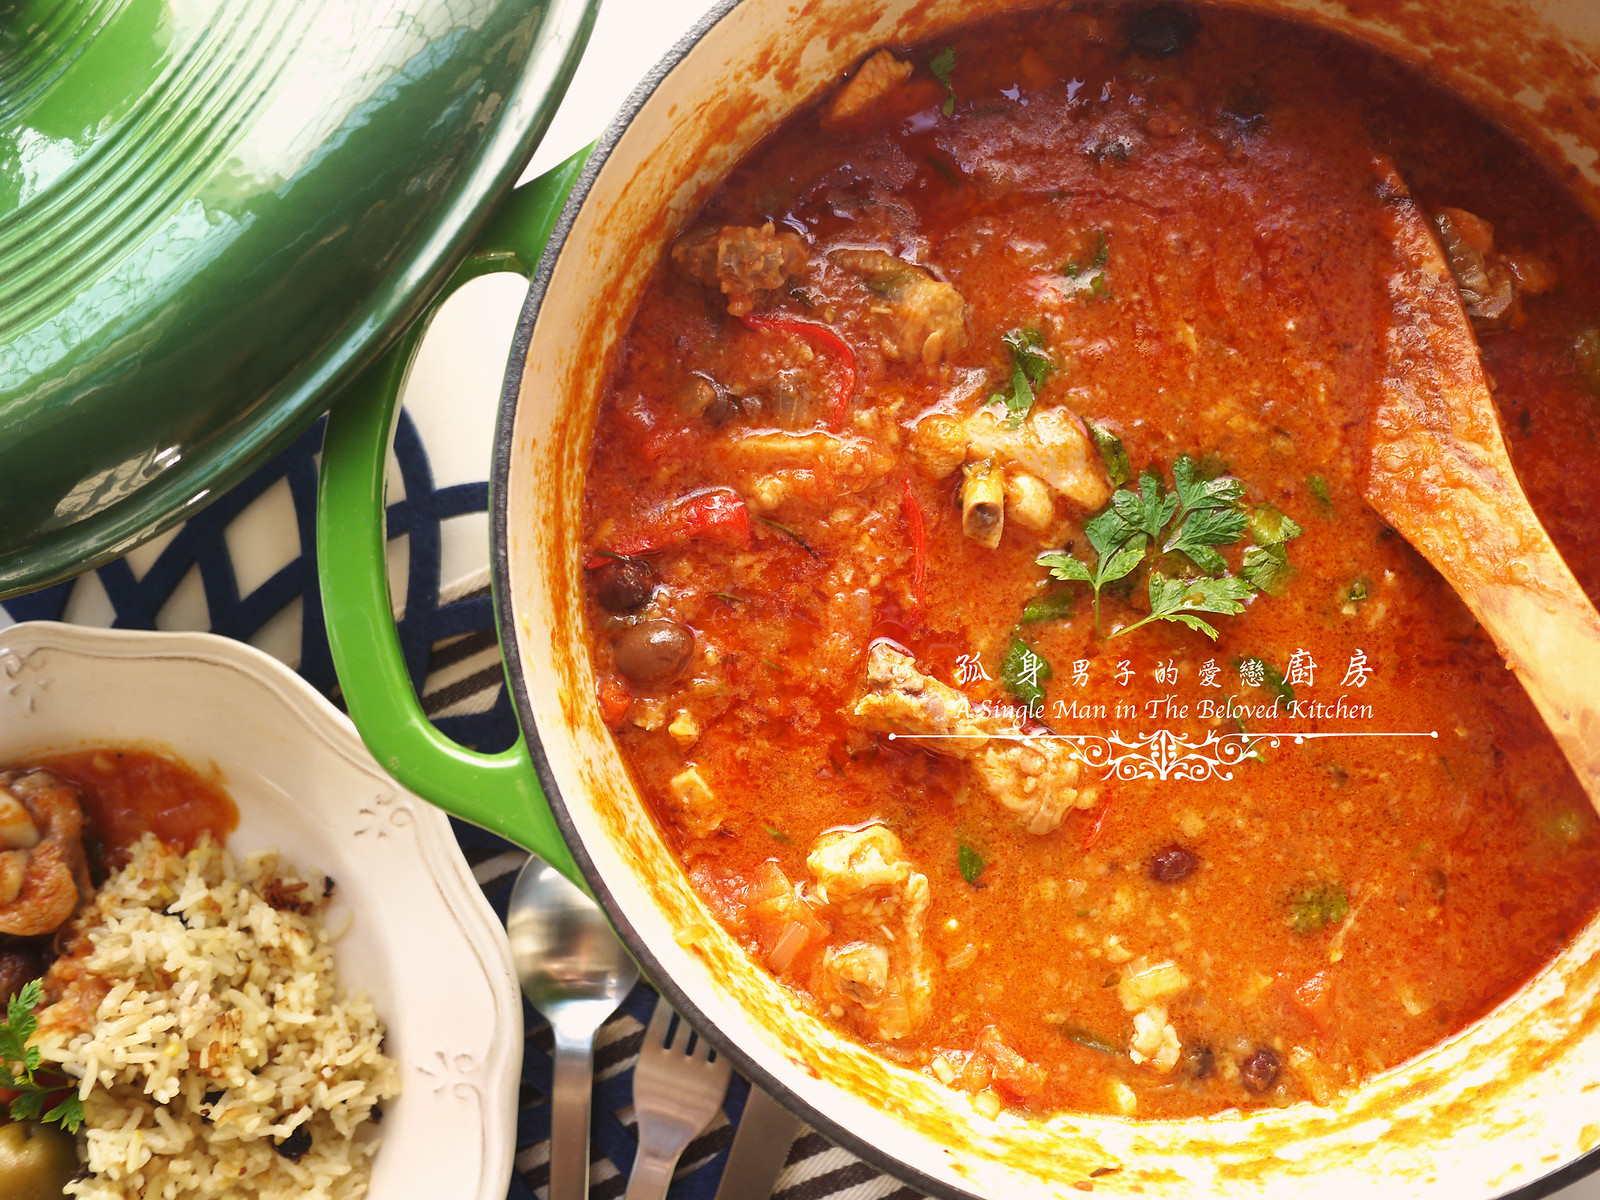 孤身廚房-蕃茄橄欖燴雞肉佐番紅花香米38